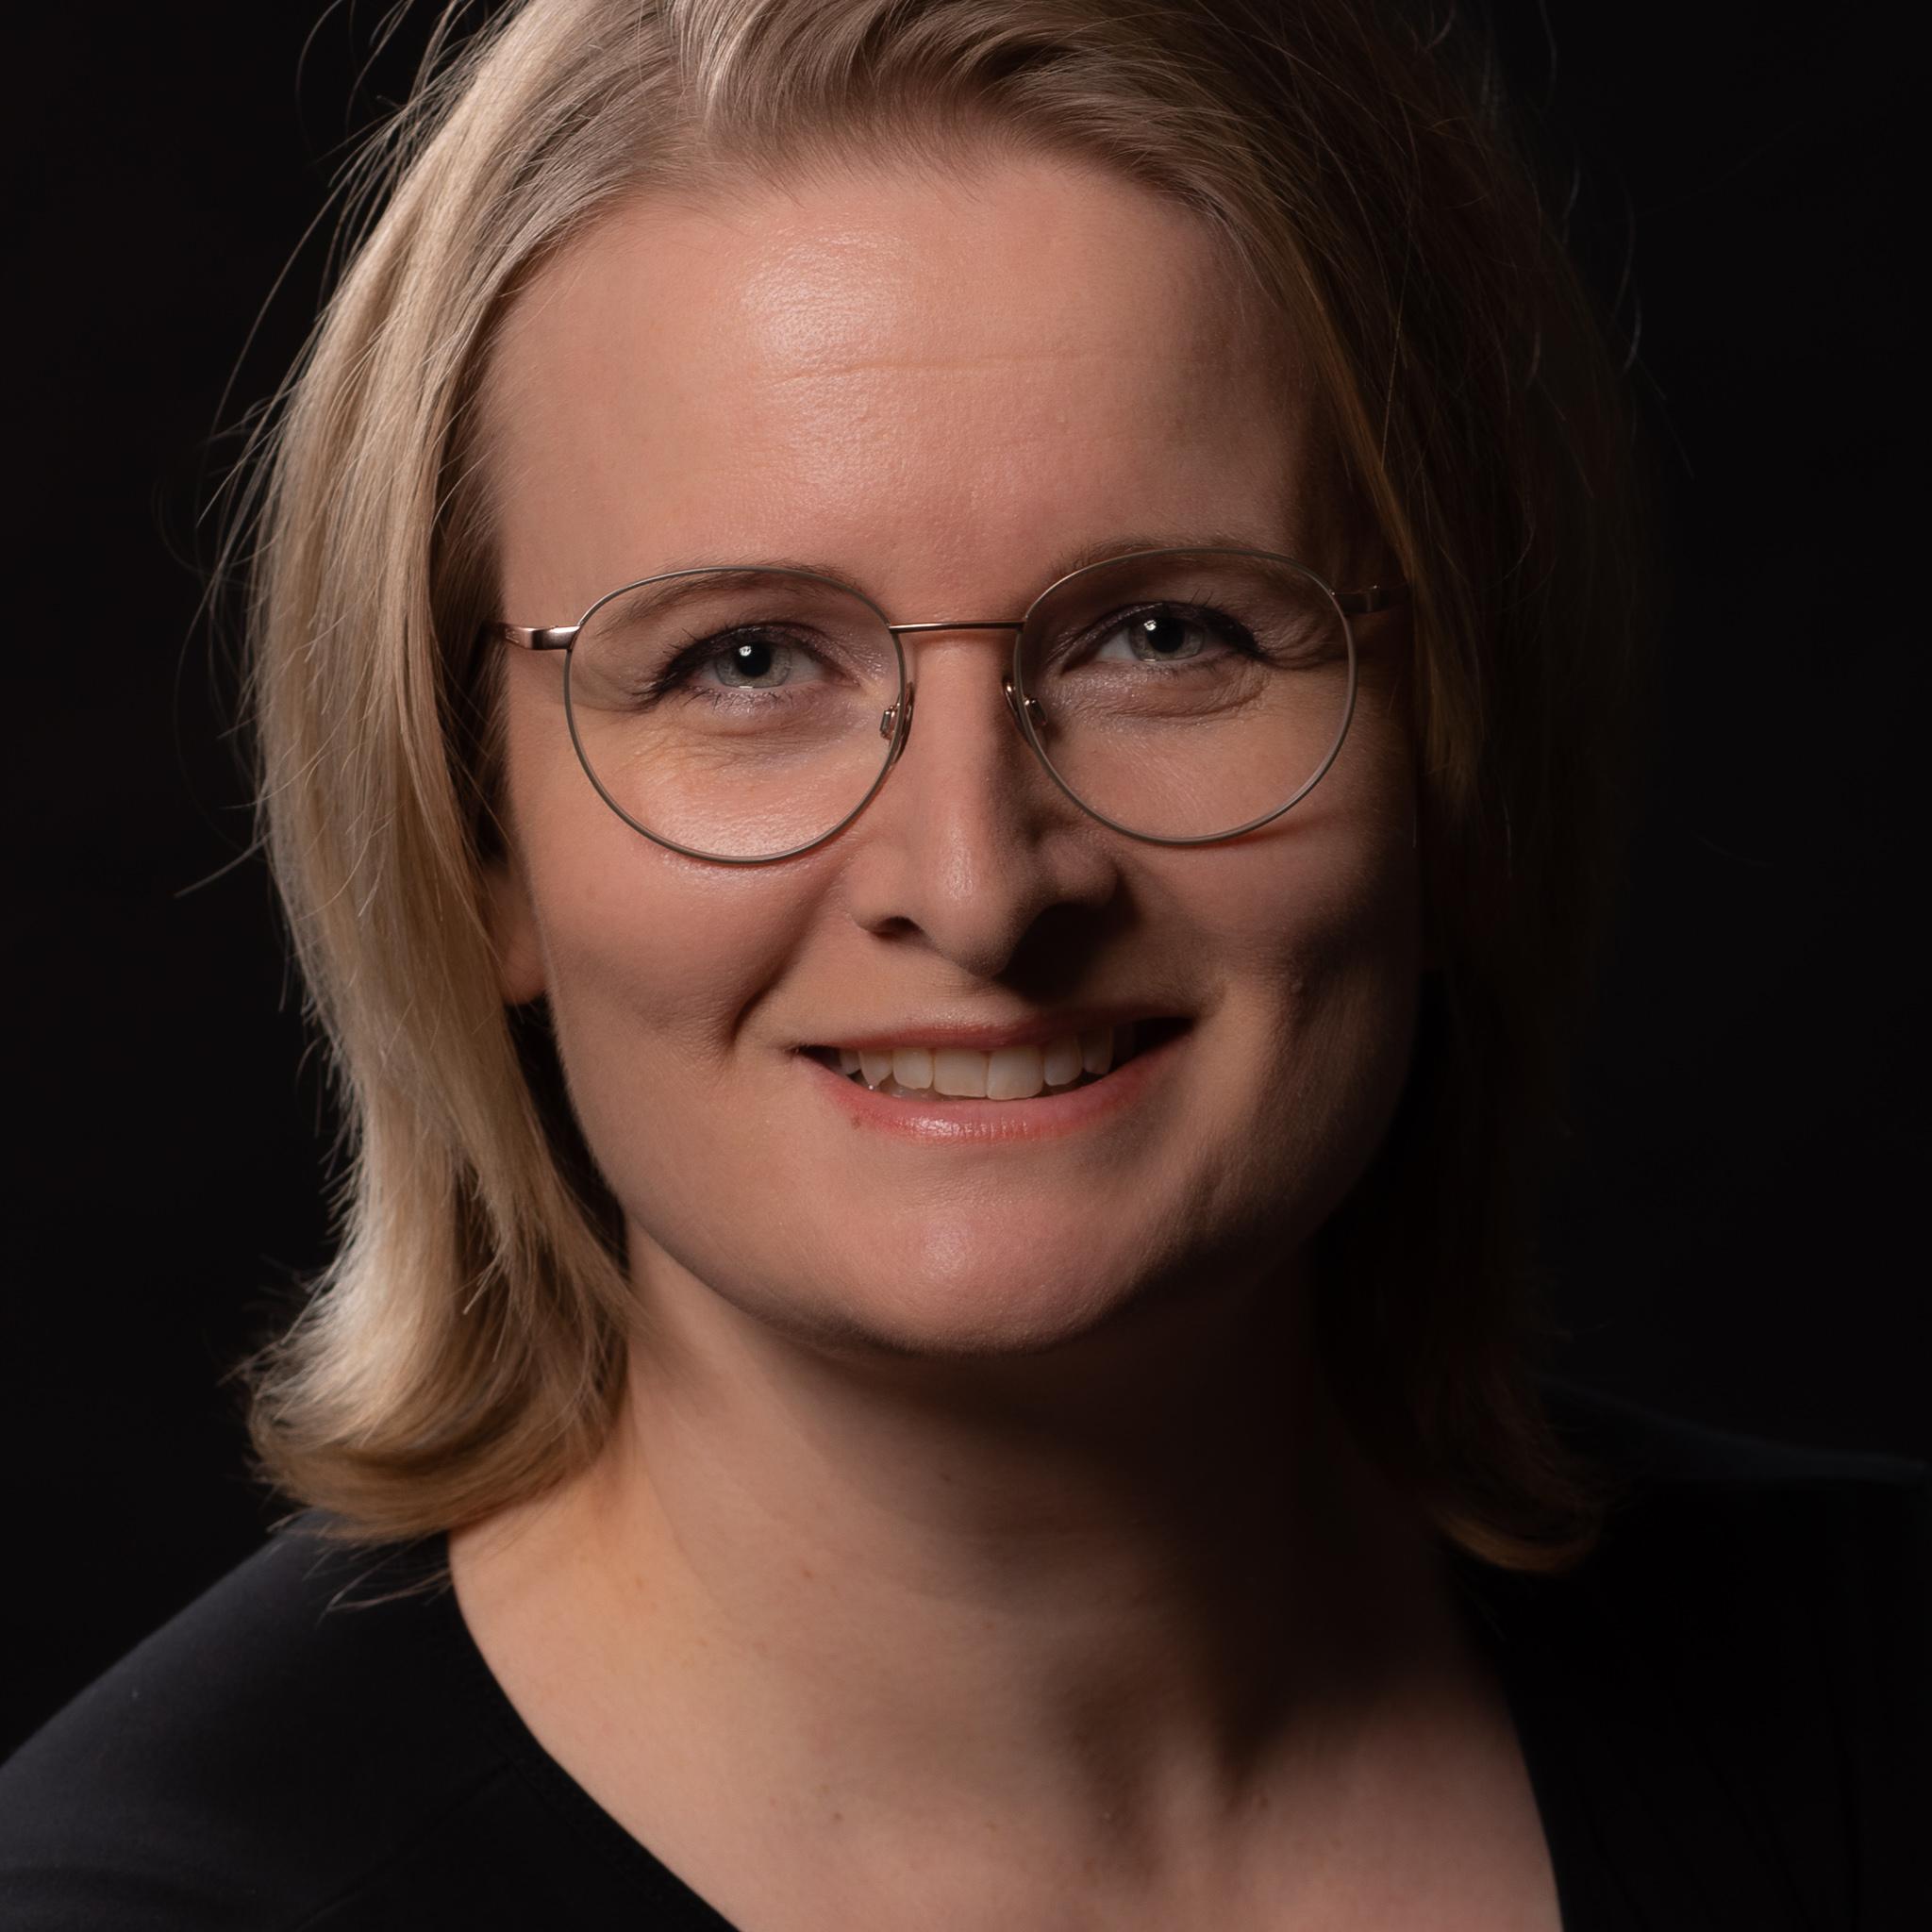 Pauliina Mkassi